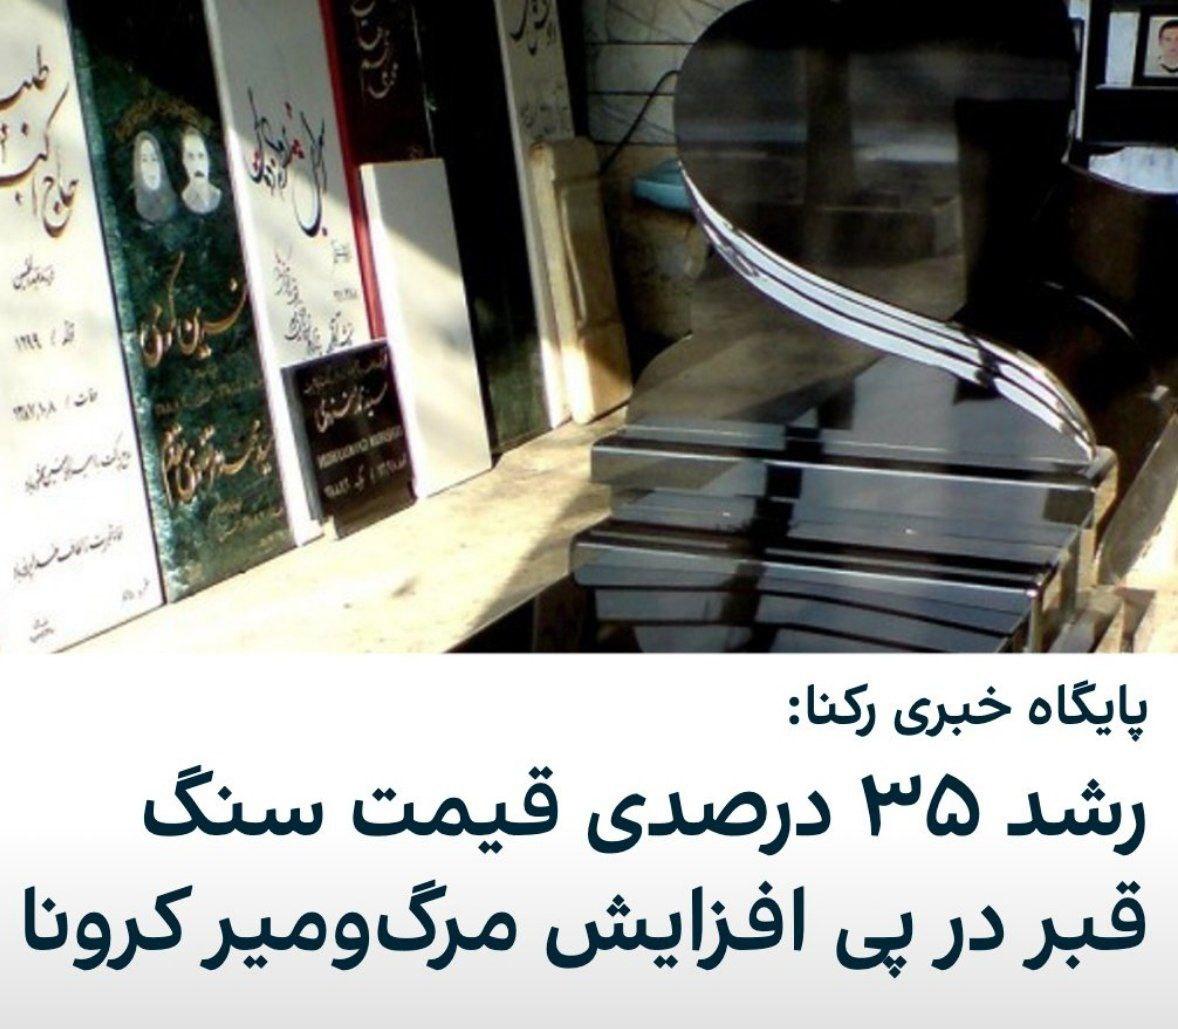 پایگاه خبری رکنا در گزارشی از … 249501001632729603